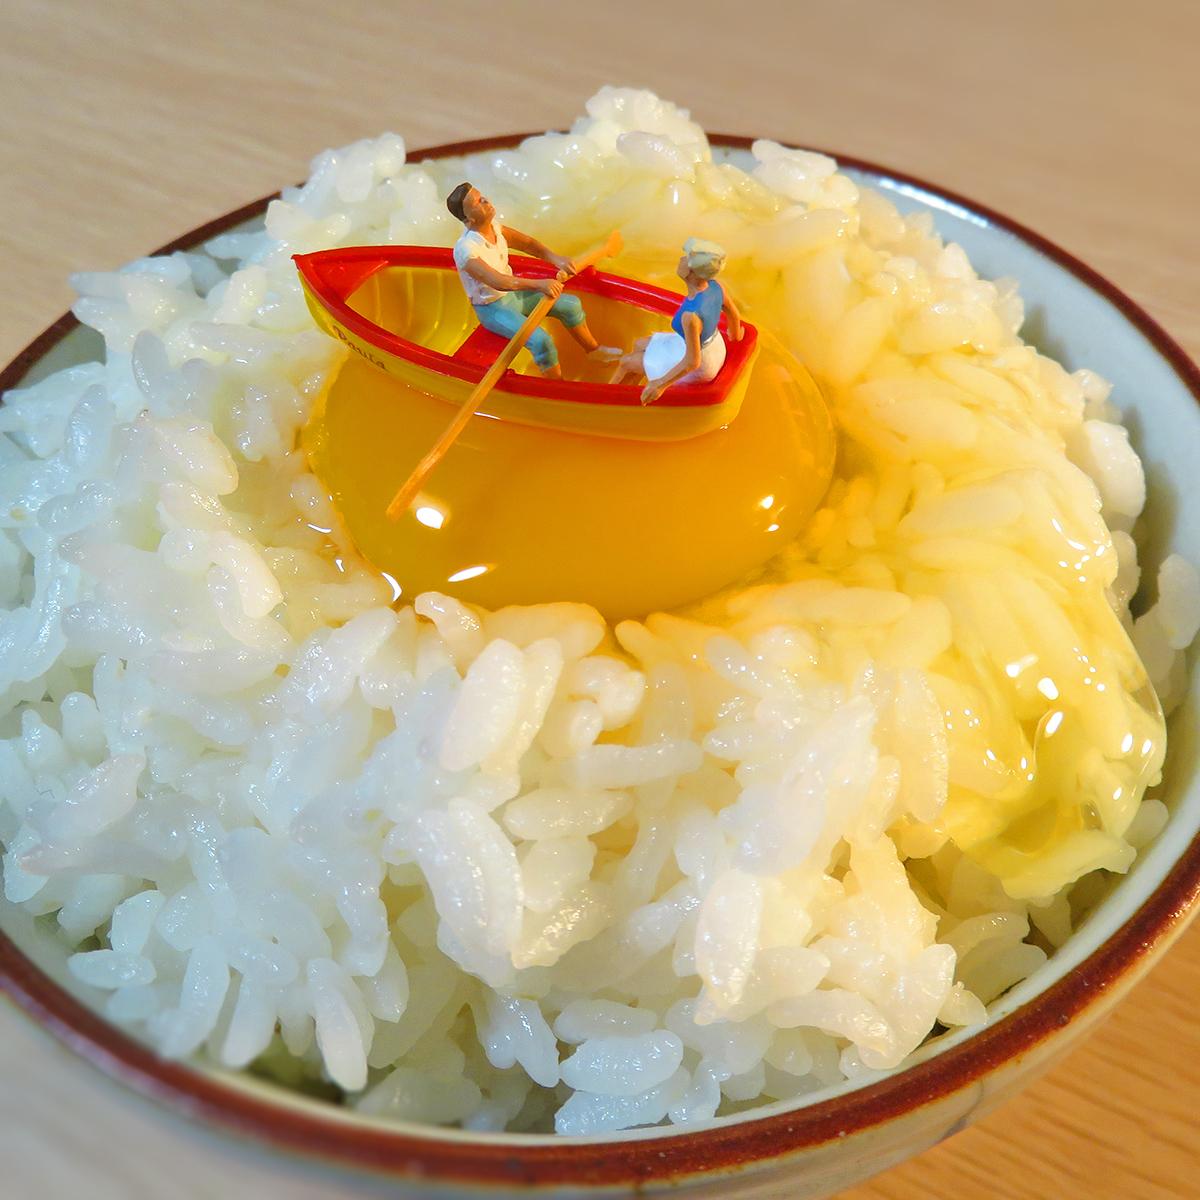 10月30日はたまごかけごはんの日!卵の黄身でボートを楽しむカップル